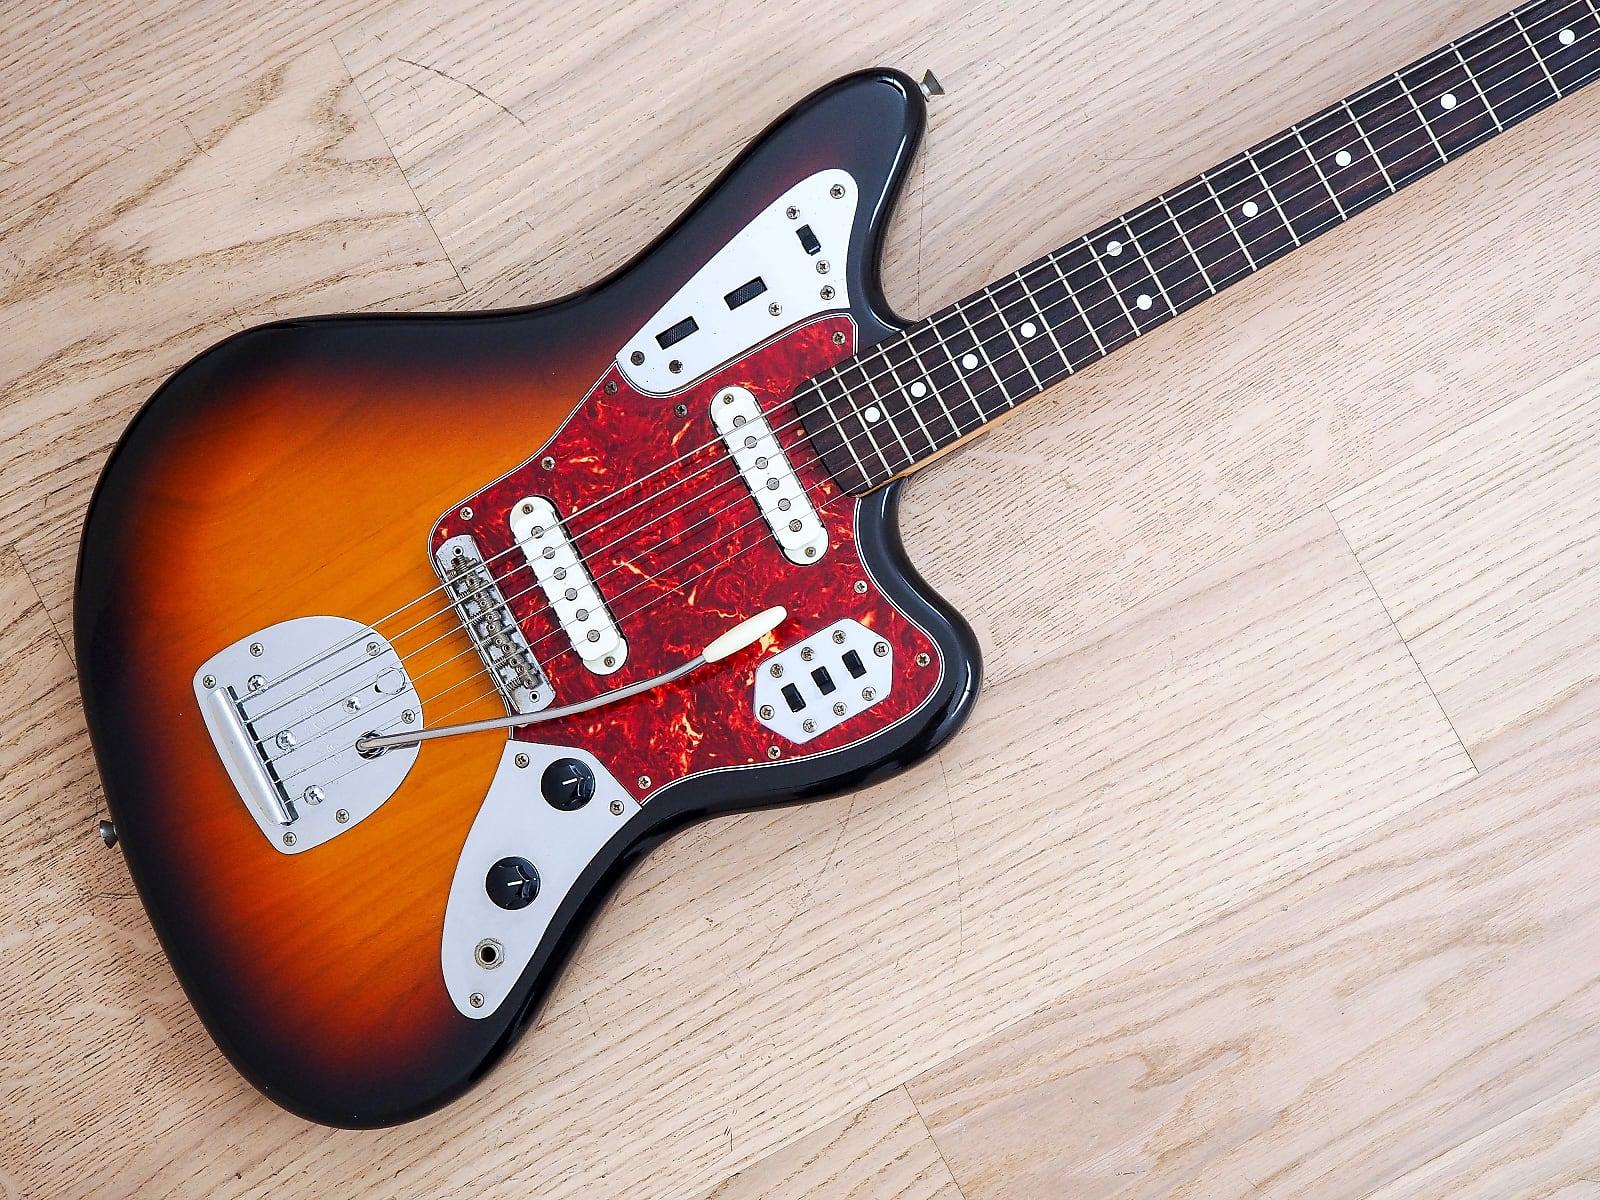 YG_9951] Guitar Fender Japan Jaguar Jg66 Electric Guitar Electric Guitar  Fender Free Diagram